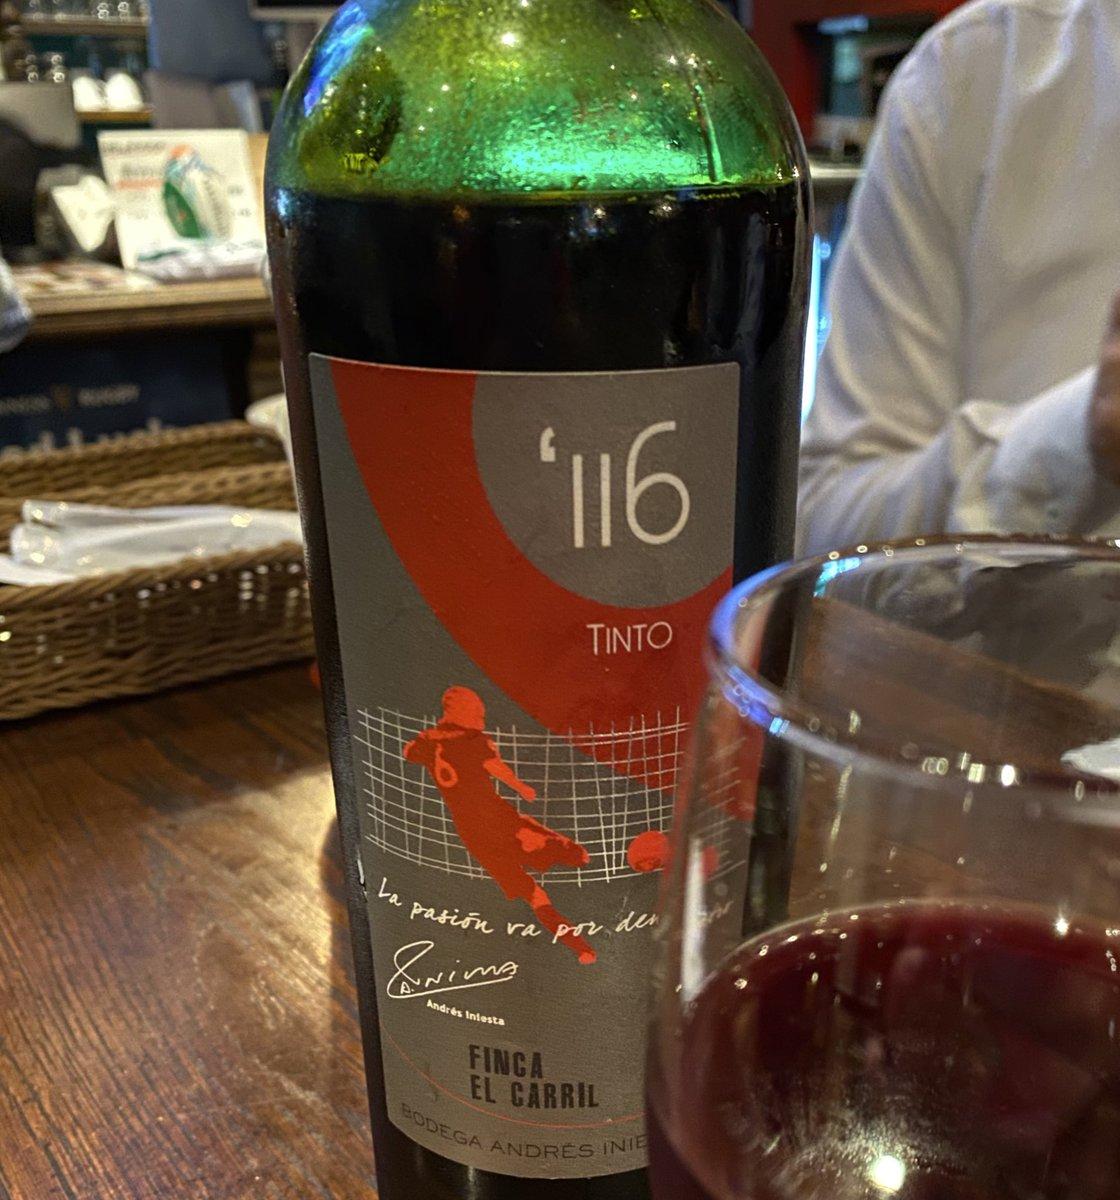 test ツイッターメディア - イニエスタのワイン、初めて飲んだ!お手頃なワインなのね🍷 https://t.co/XpoJPLWSqS